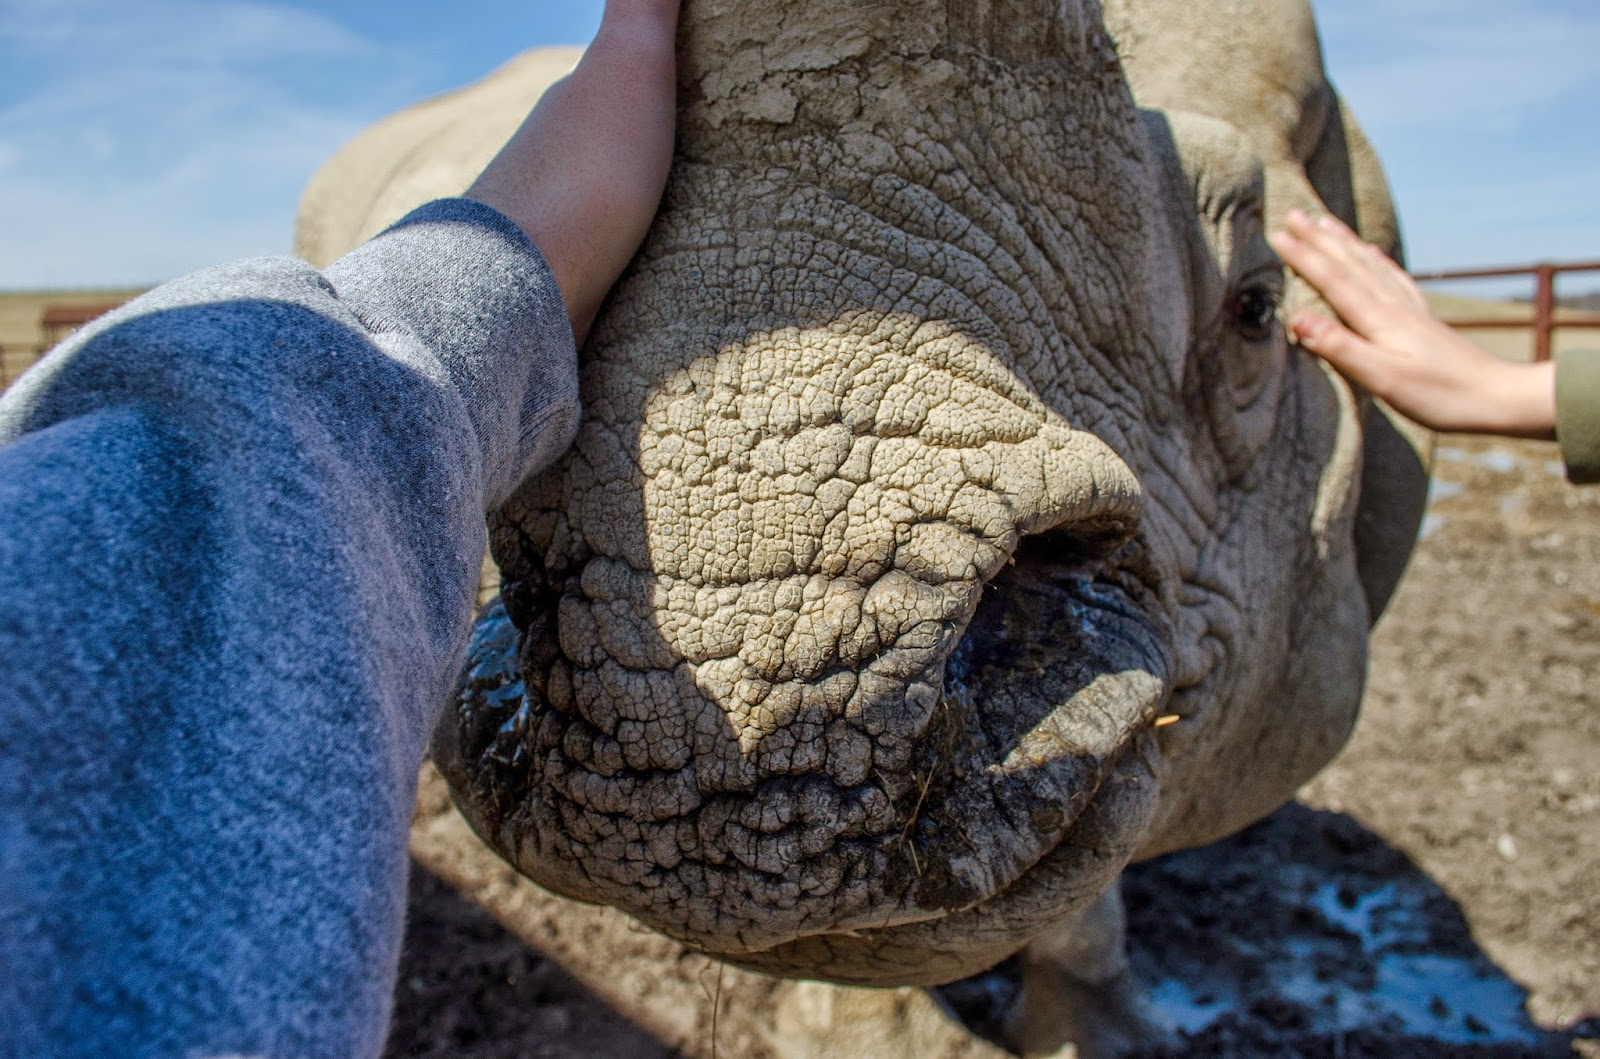 Petting a rhino